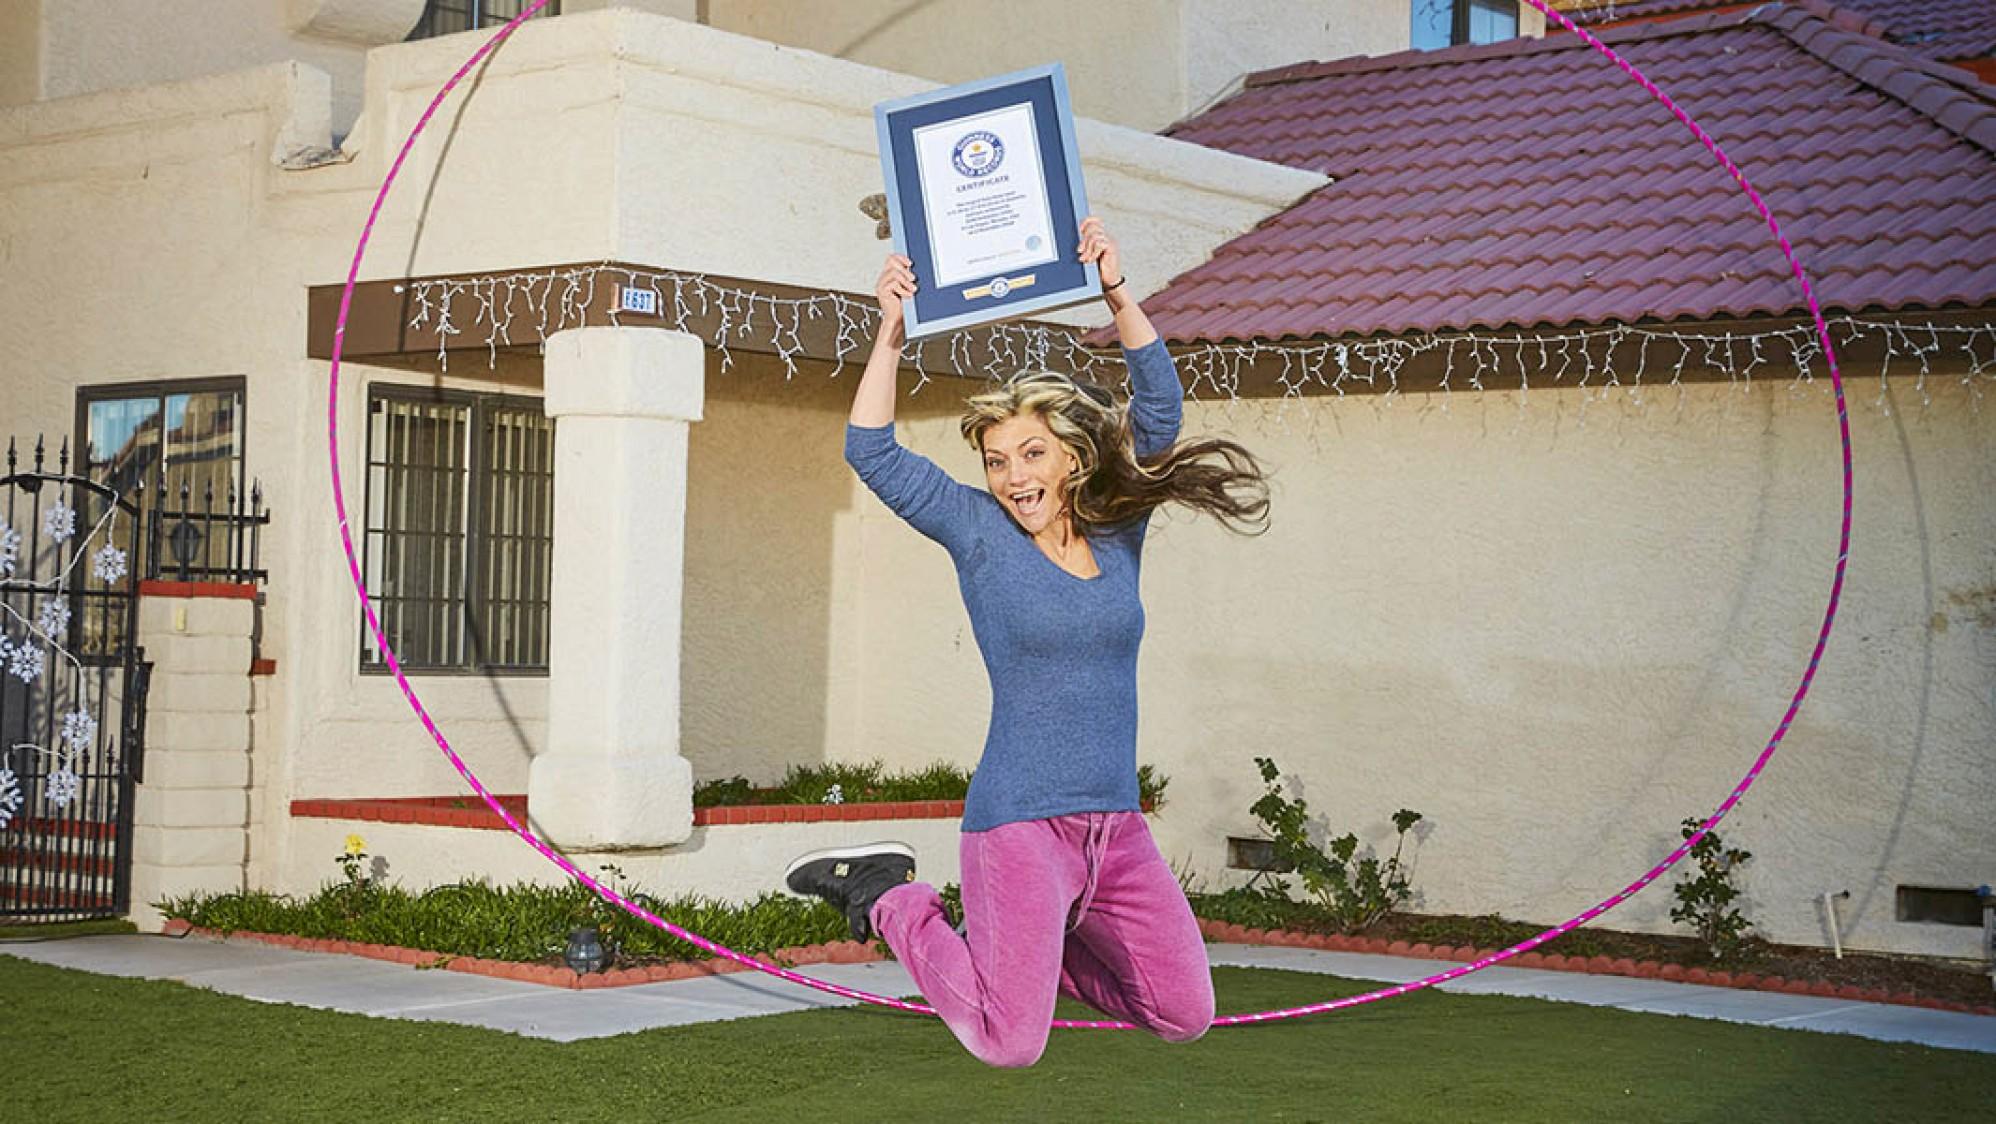 Là người hướng dẫn lắc vòng (hula hoop) chuyên nghiệp, Getti Kehayova đã quyết định đưa đam mê của mình lên một tầm cao mới đó là trở thành người lắc vòng hula hoop lớn nhất thế giới với chiếc vòng có chu vi khoảng 5,2 m.